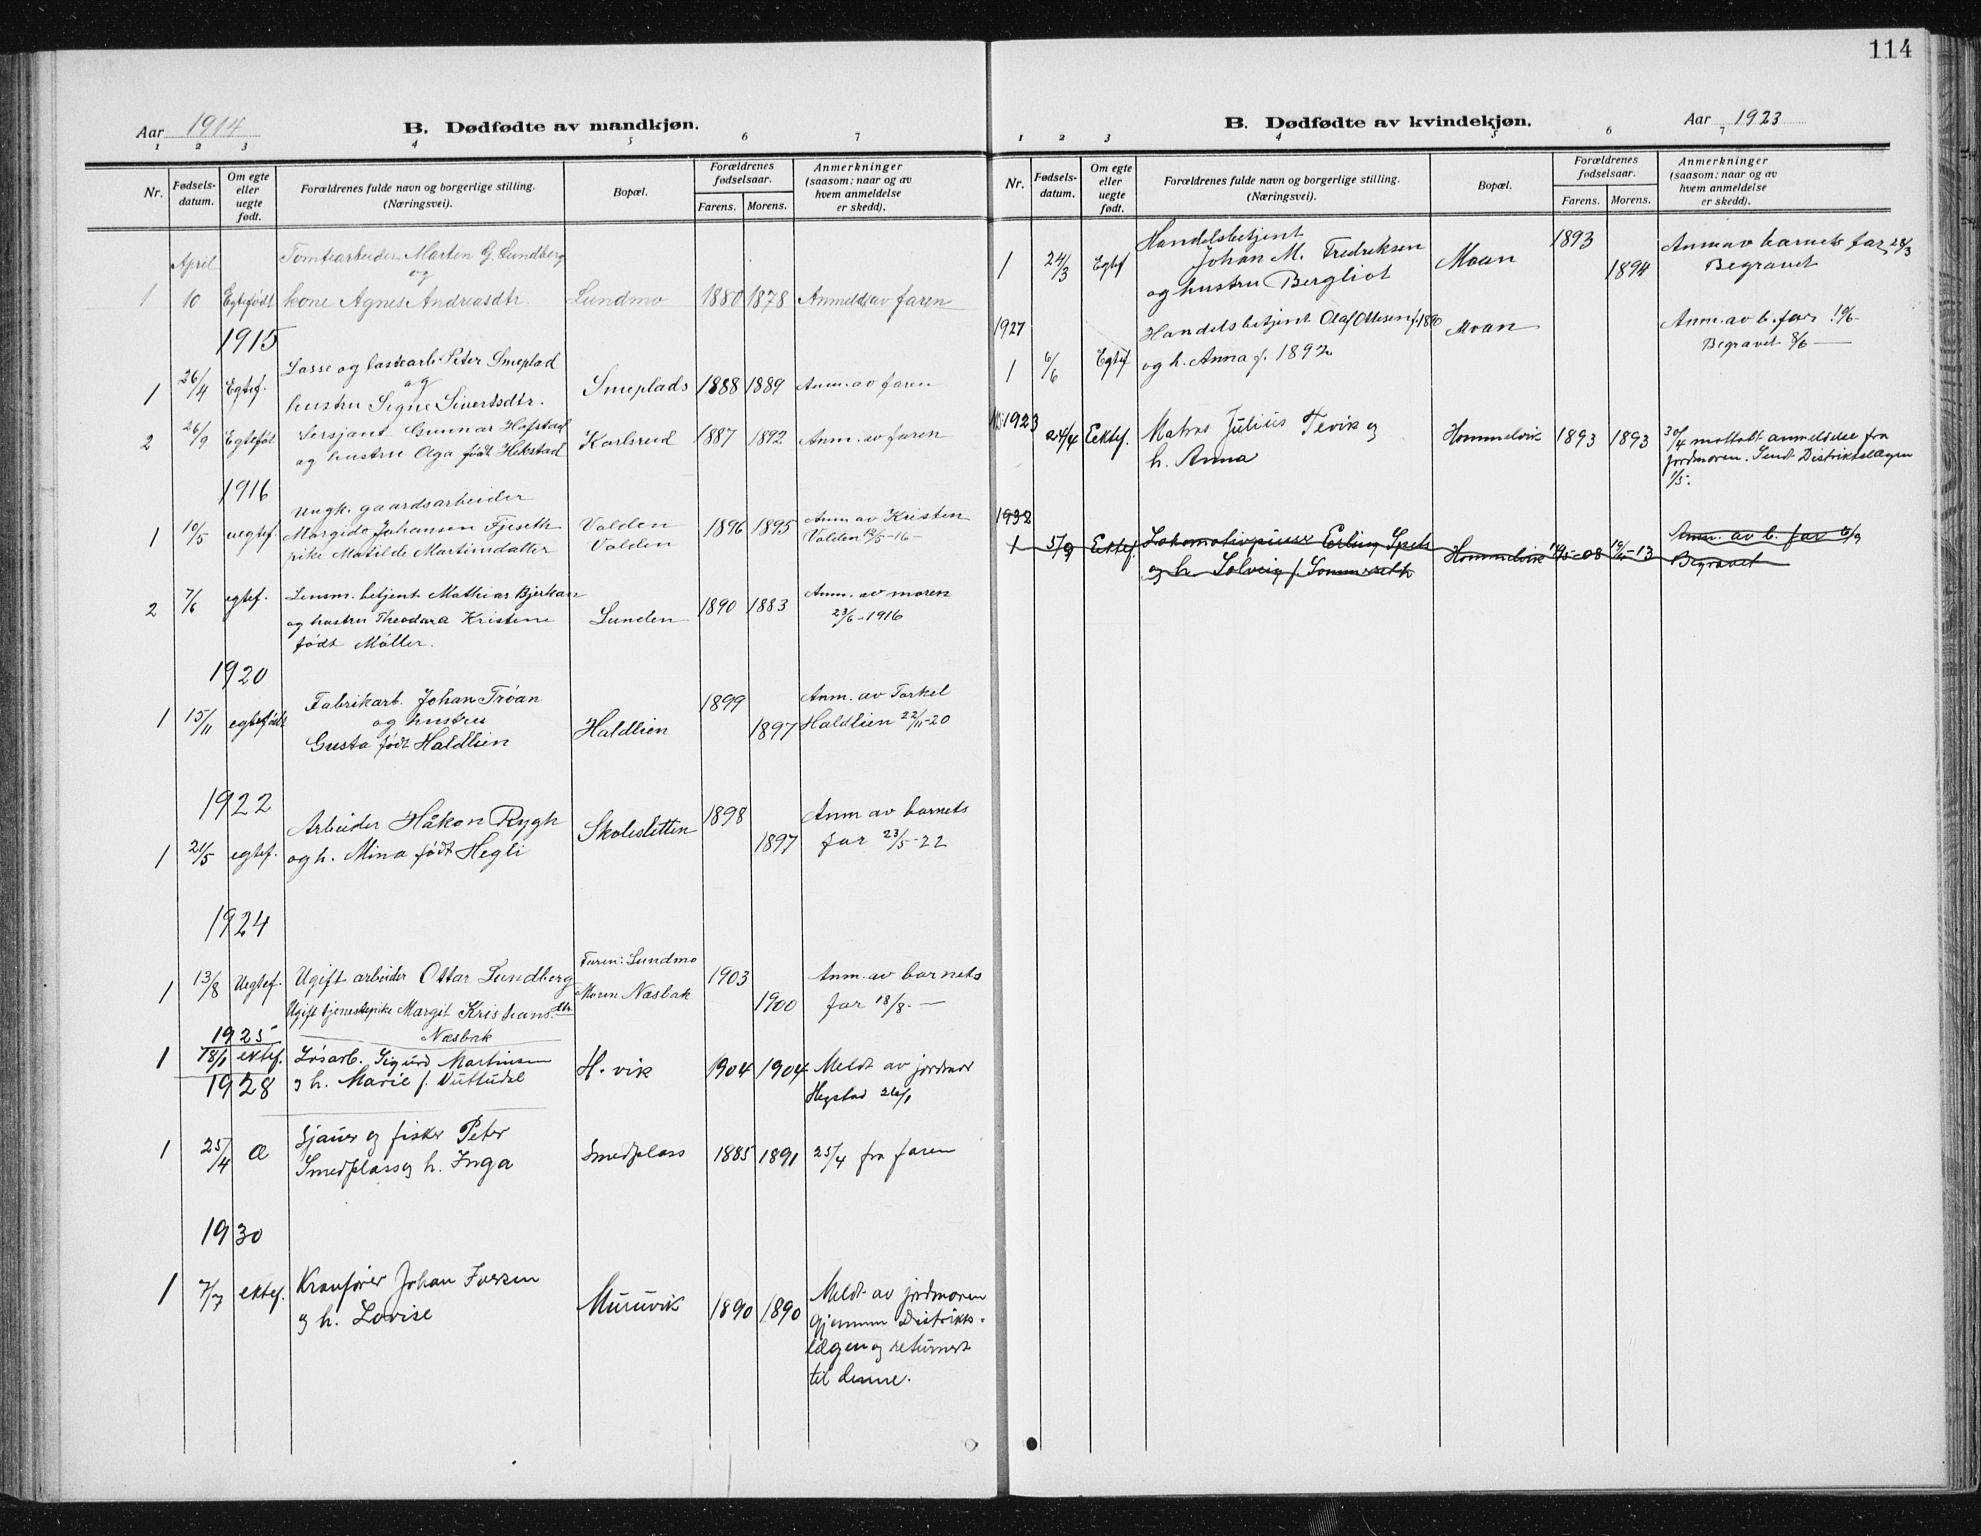 SAT, Ministerialprotokoller, klokkerbøker og fødselsregistre - Sør-Trøndelag, 617/L0431: Klokkerbok nr. 617C02, 1910-1936, s. 114